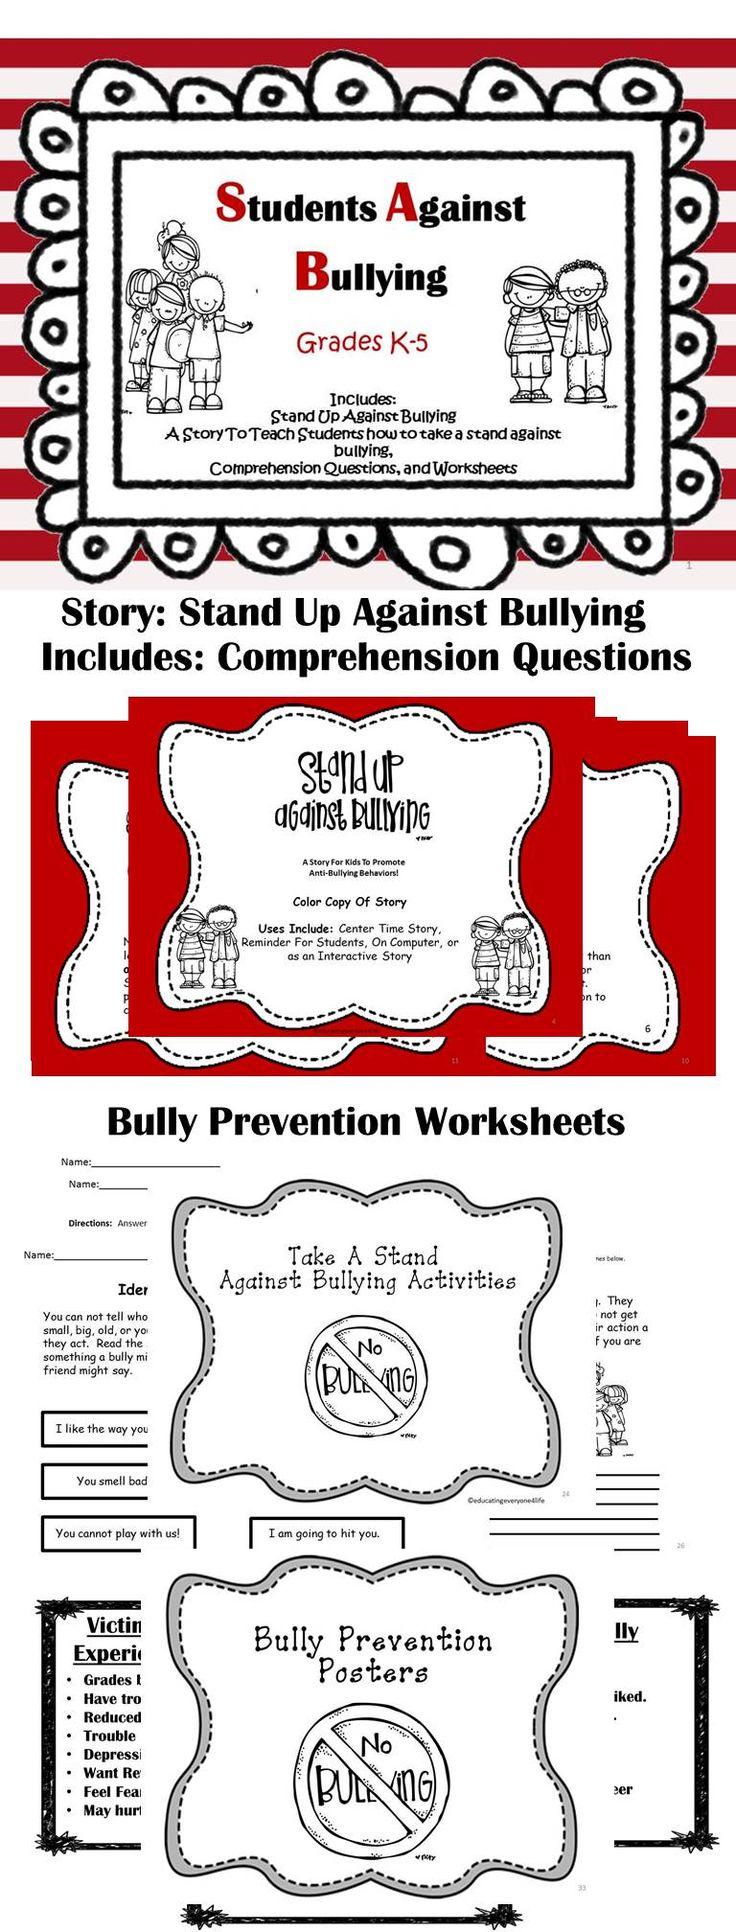 Uncategorized Bullying Worksheets best 25 bullying worksheets ideas on pinterest mlk school anti kids against bullying